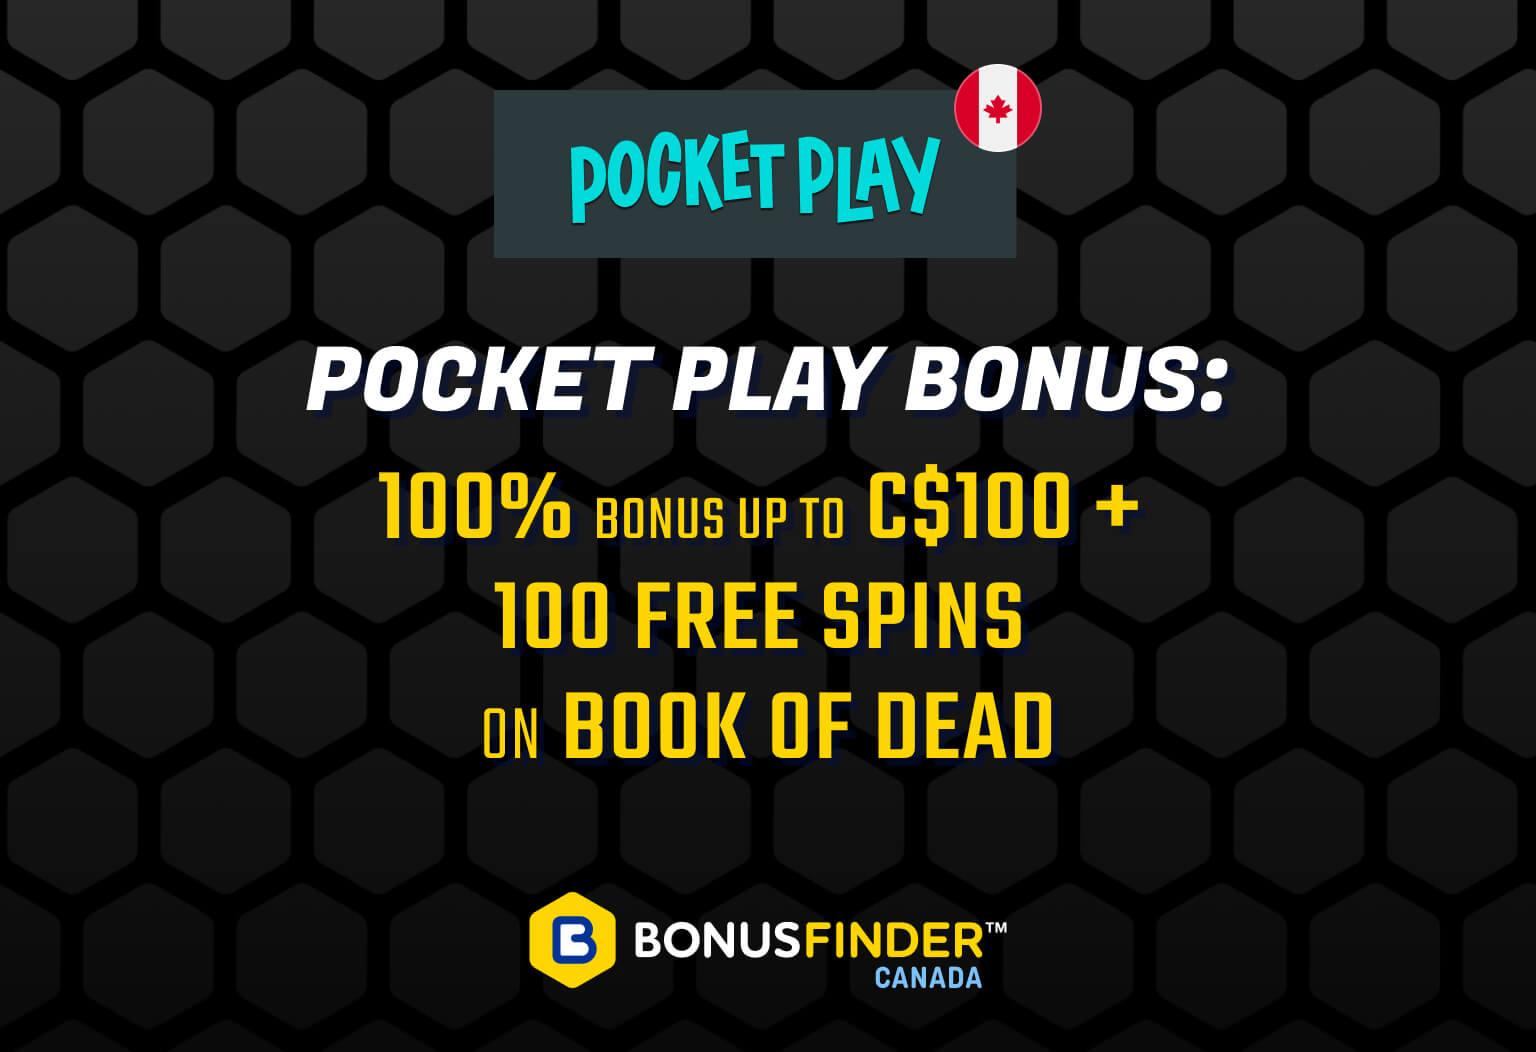 Pocket Play bonus